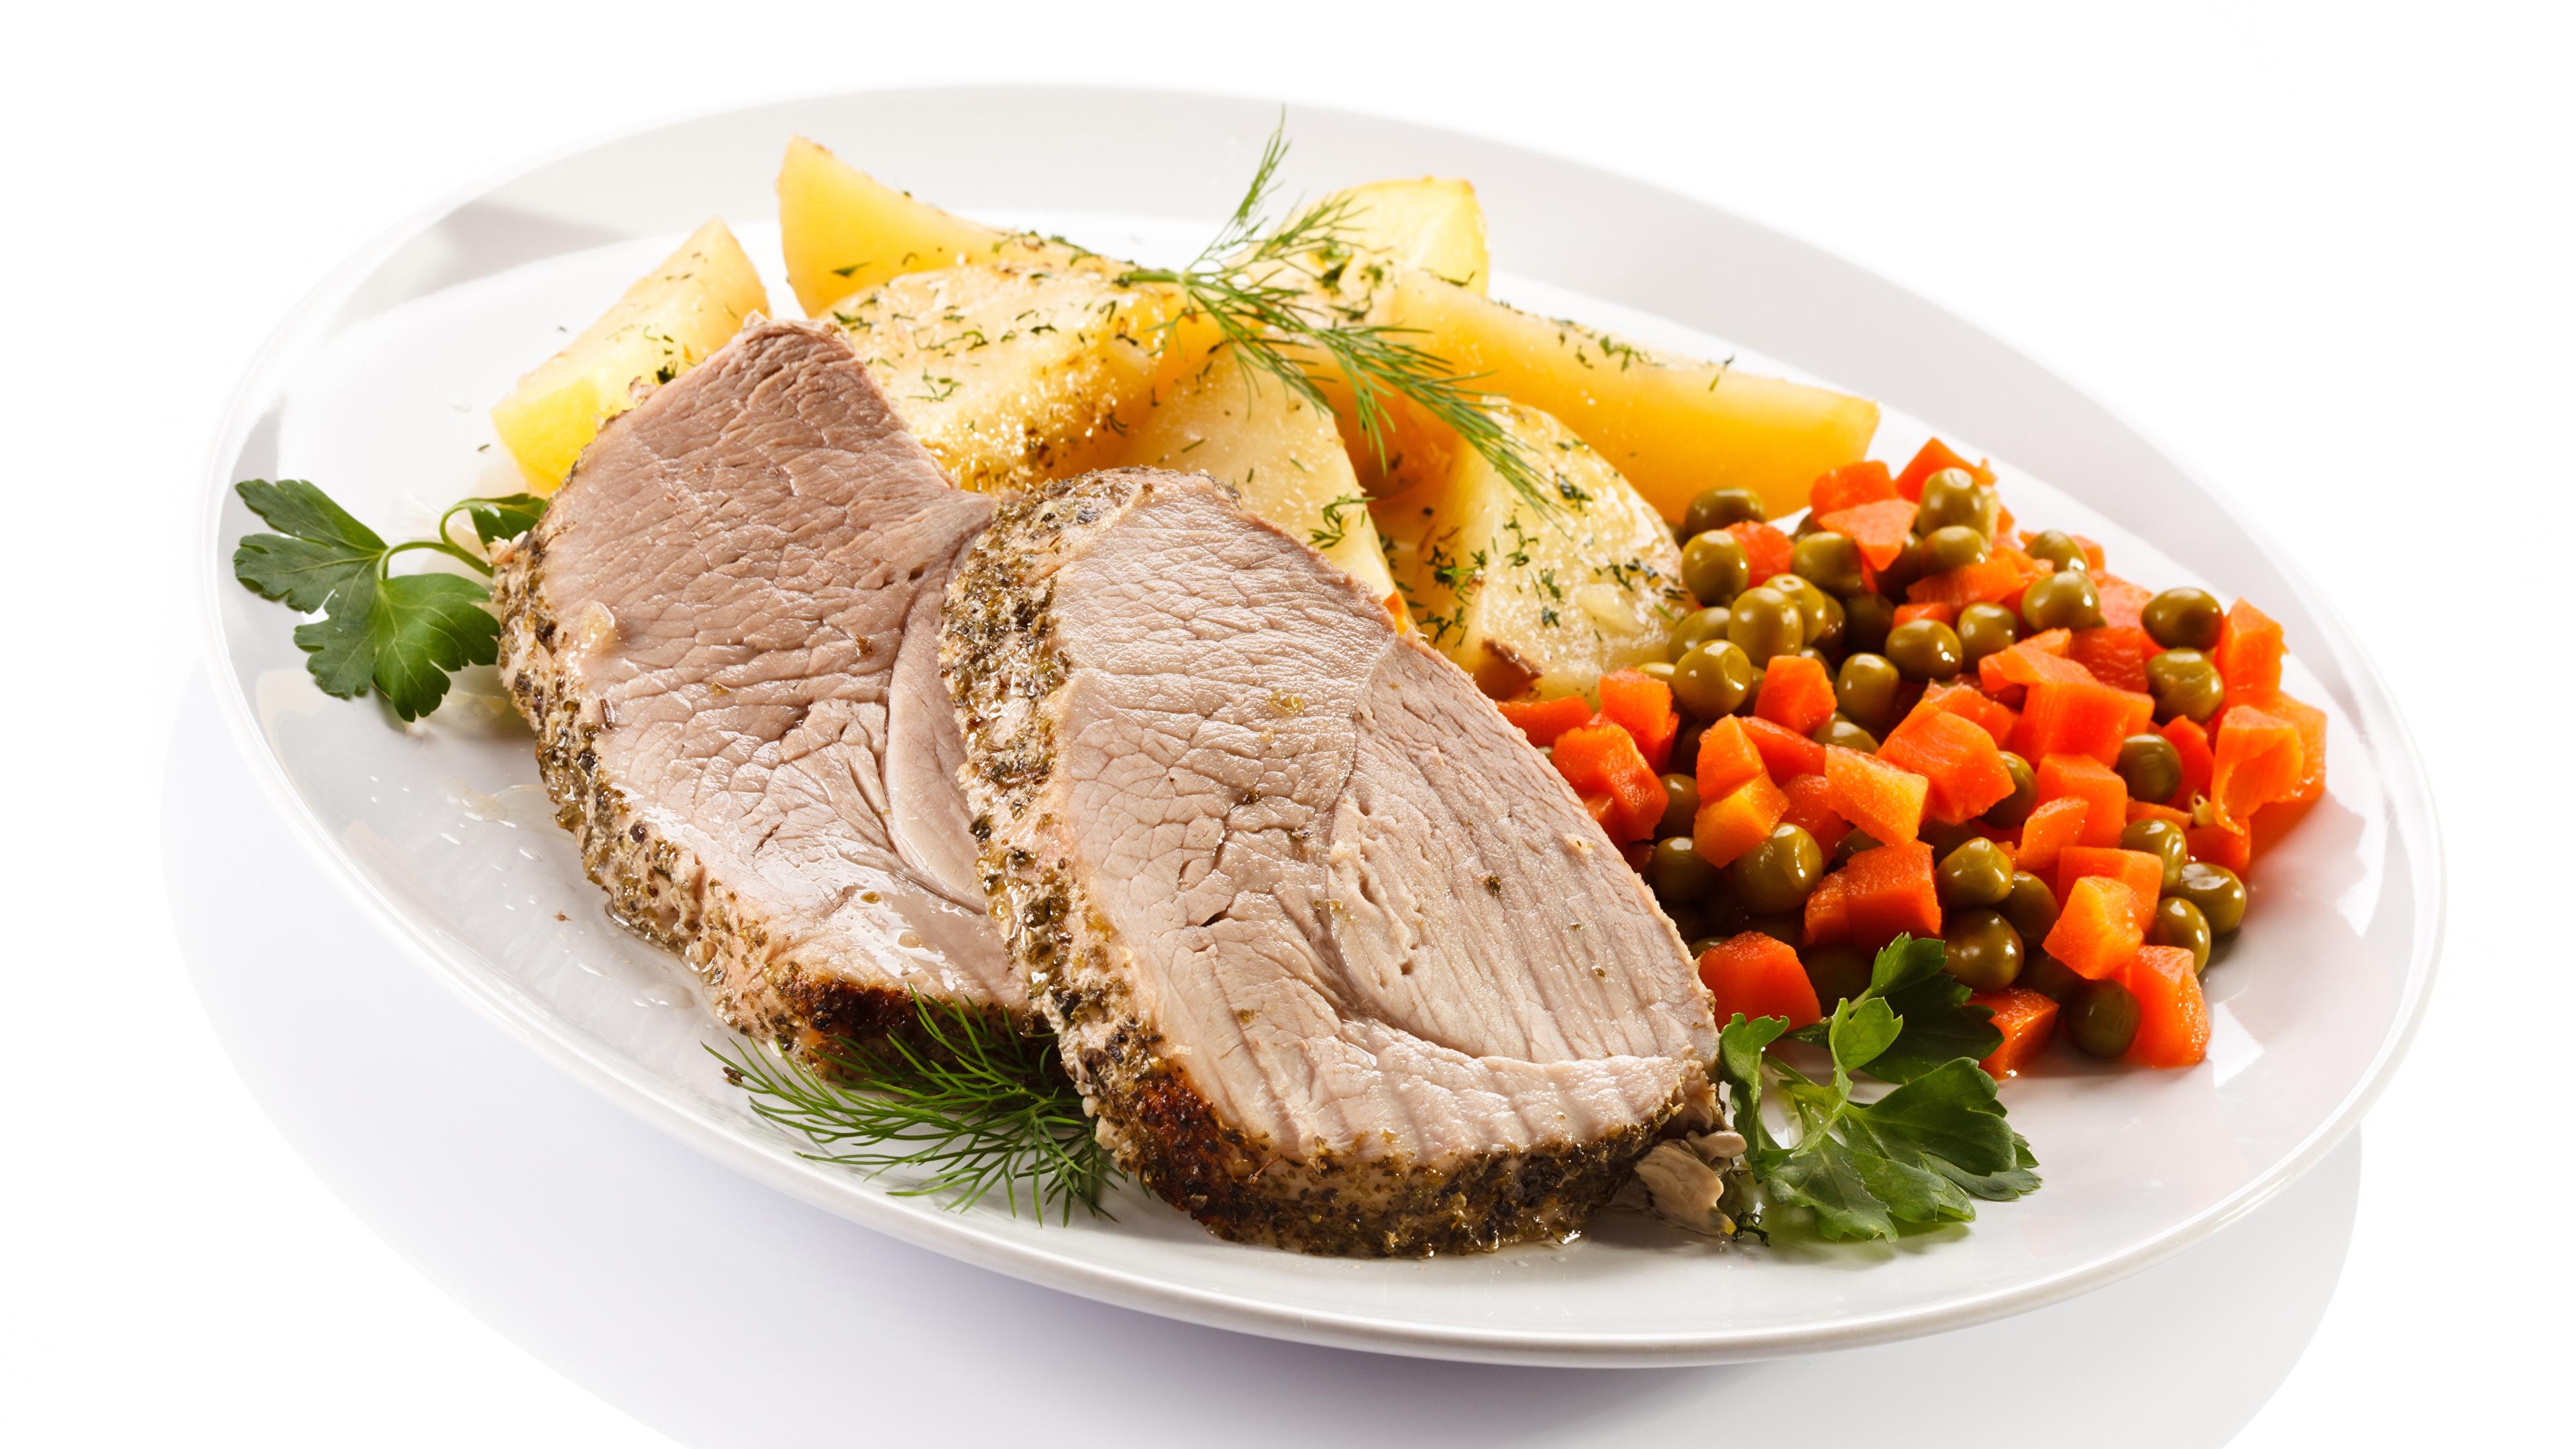 Фото Картофель Еда Овощи тарелке Белый фон Мясные продукты Вторые блюда 3840x2160 картошка Пища Тарелка Продукты питания